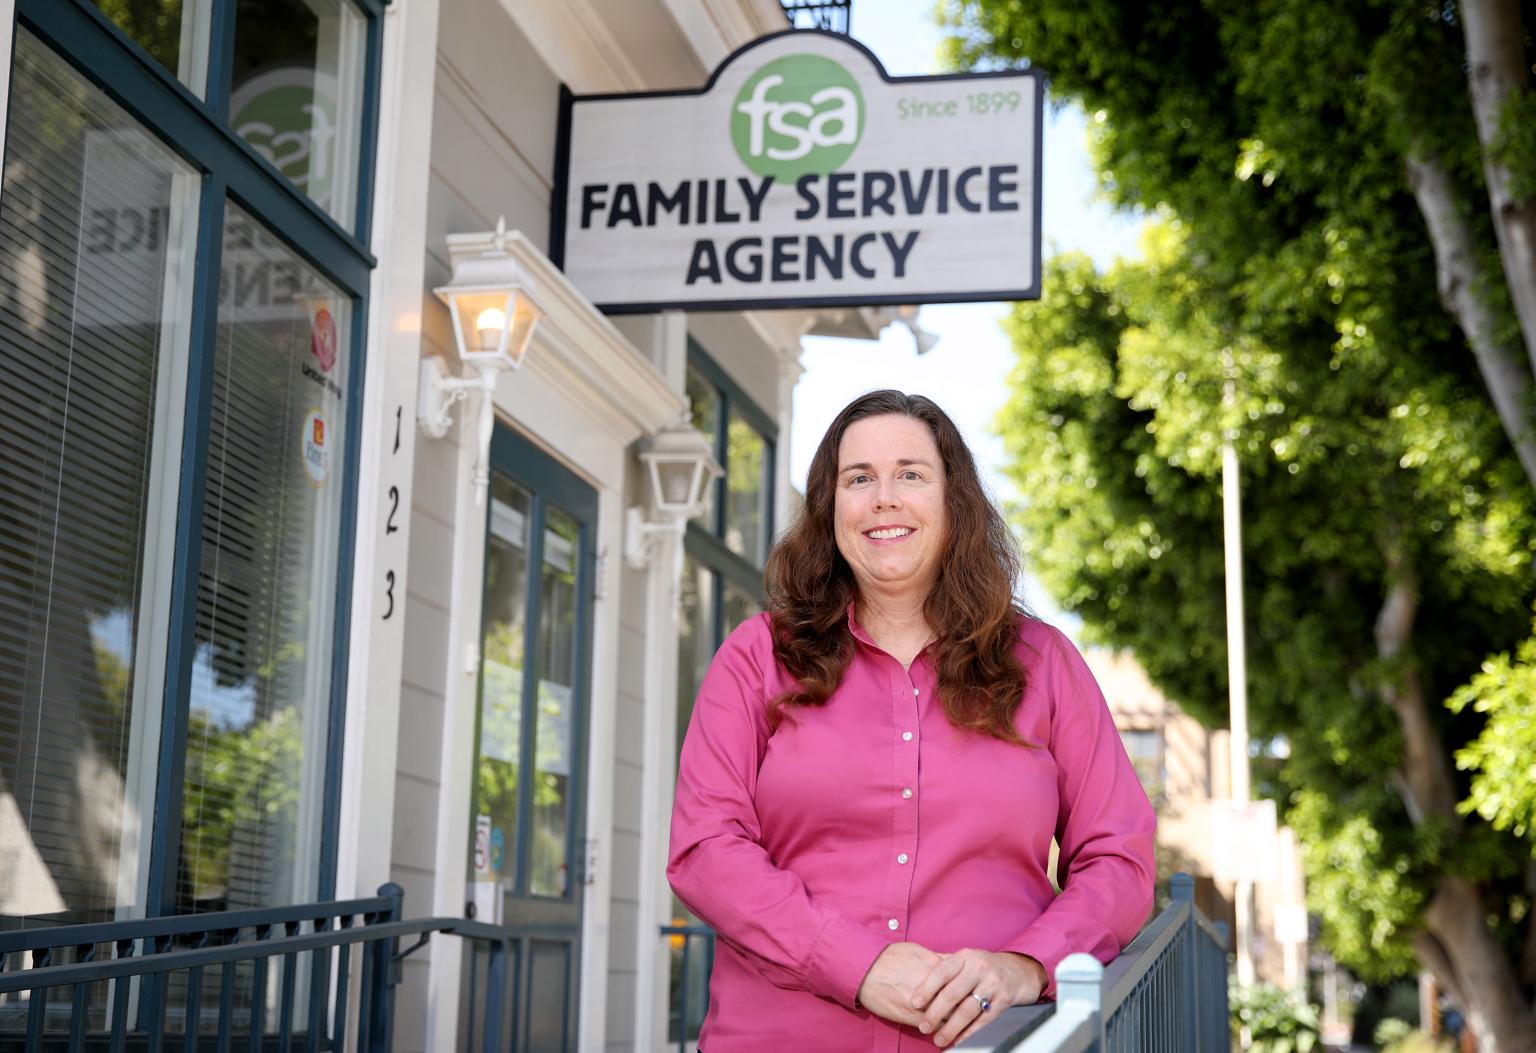 Carol Morgan from Family Service Agency